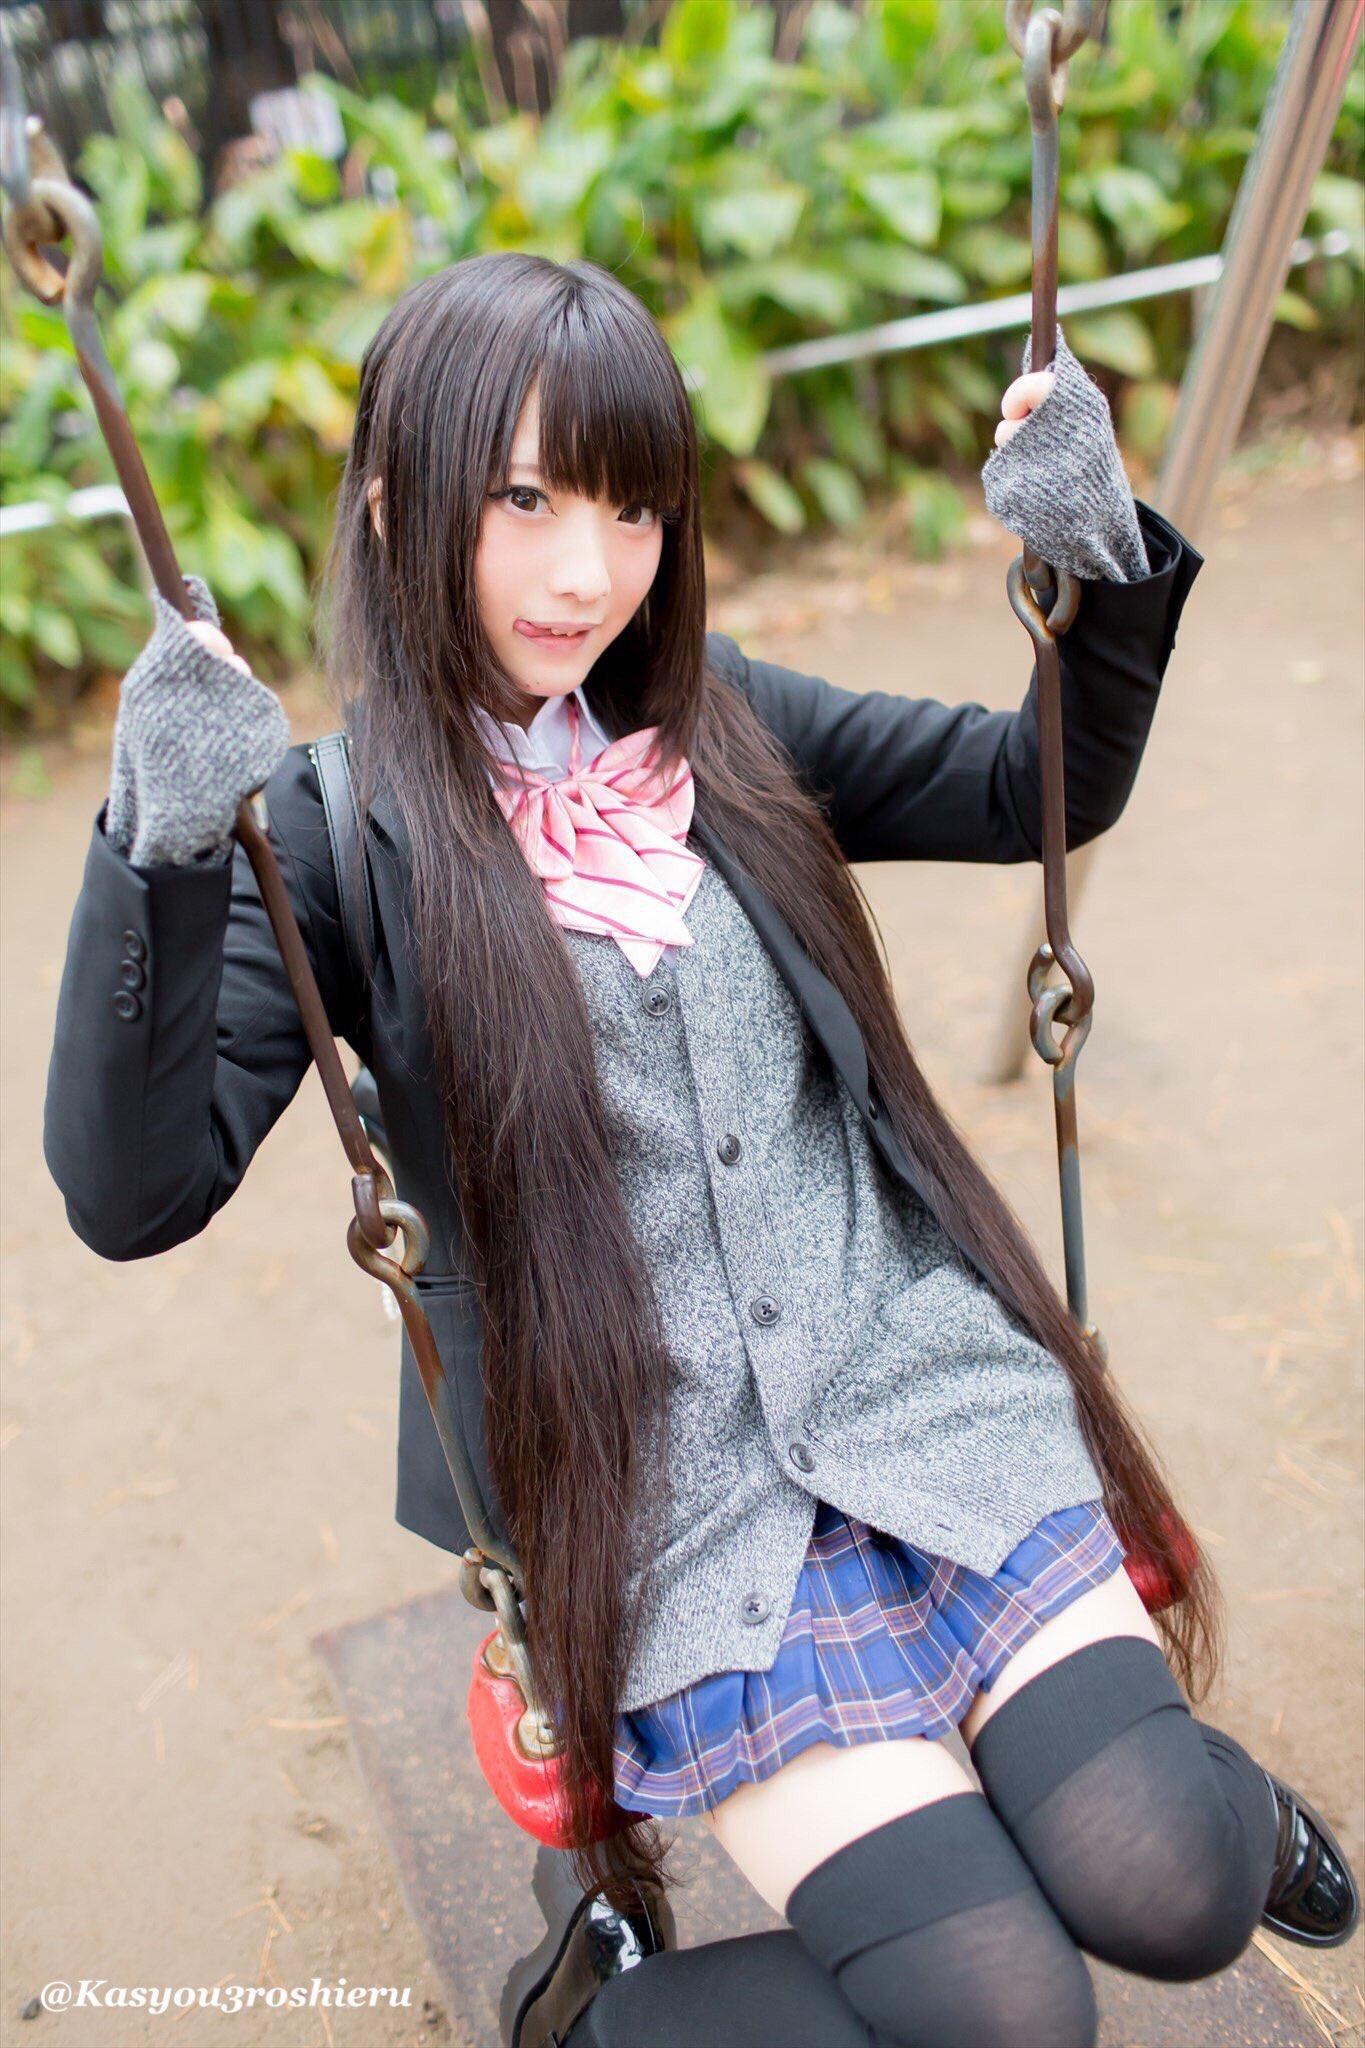 【画像】キモオタってこんな女が好きなんやろ?ww